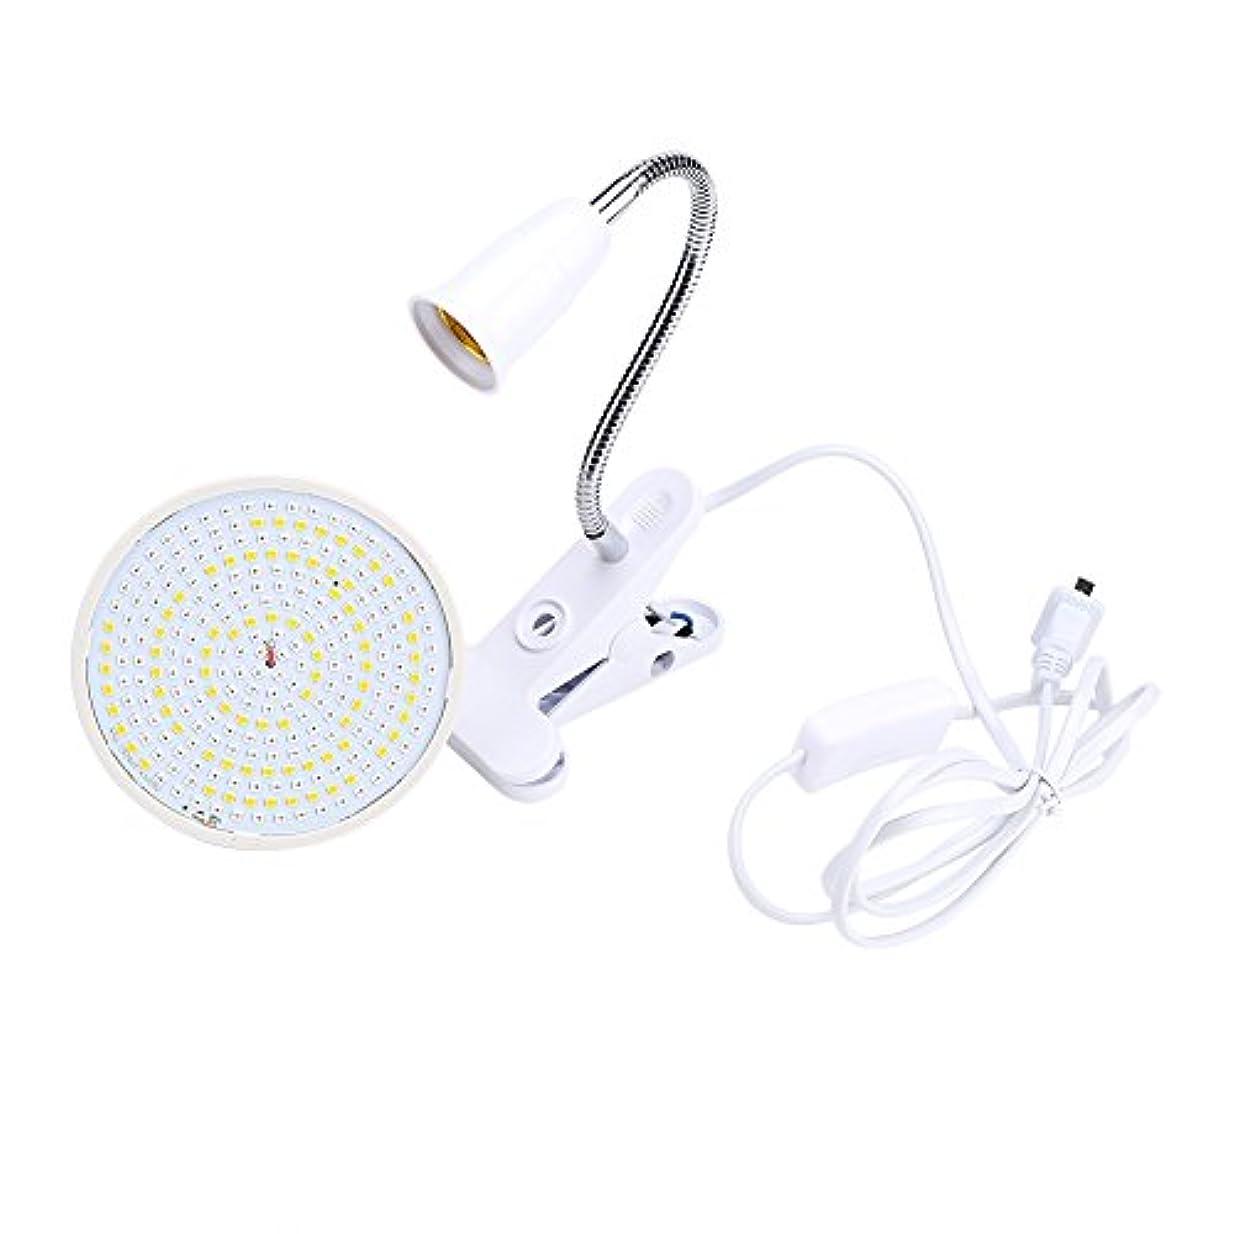 悪党子音手荷物3色 LEDライト プロ セラピー フェイス ボディケア 美容器具(02)